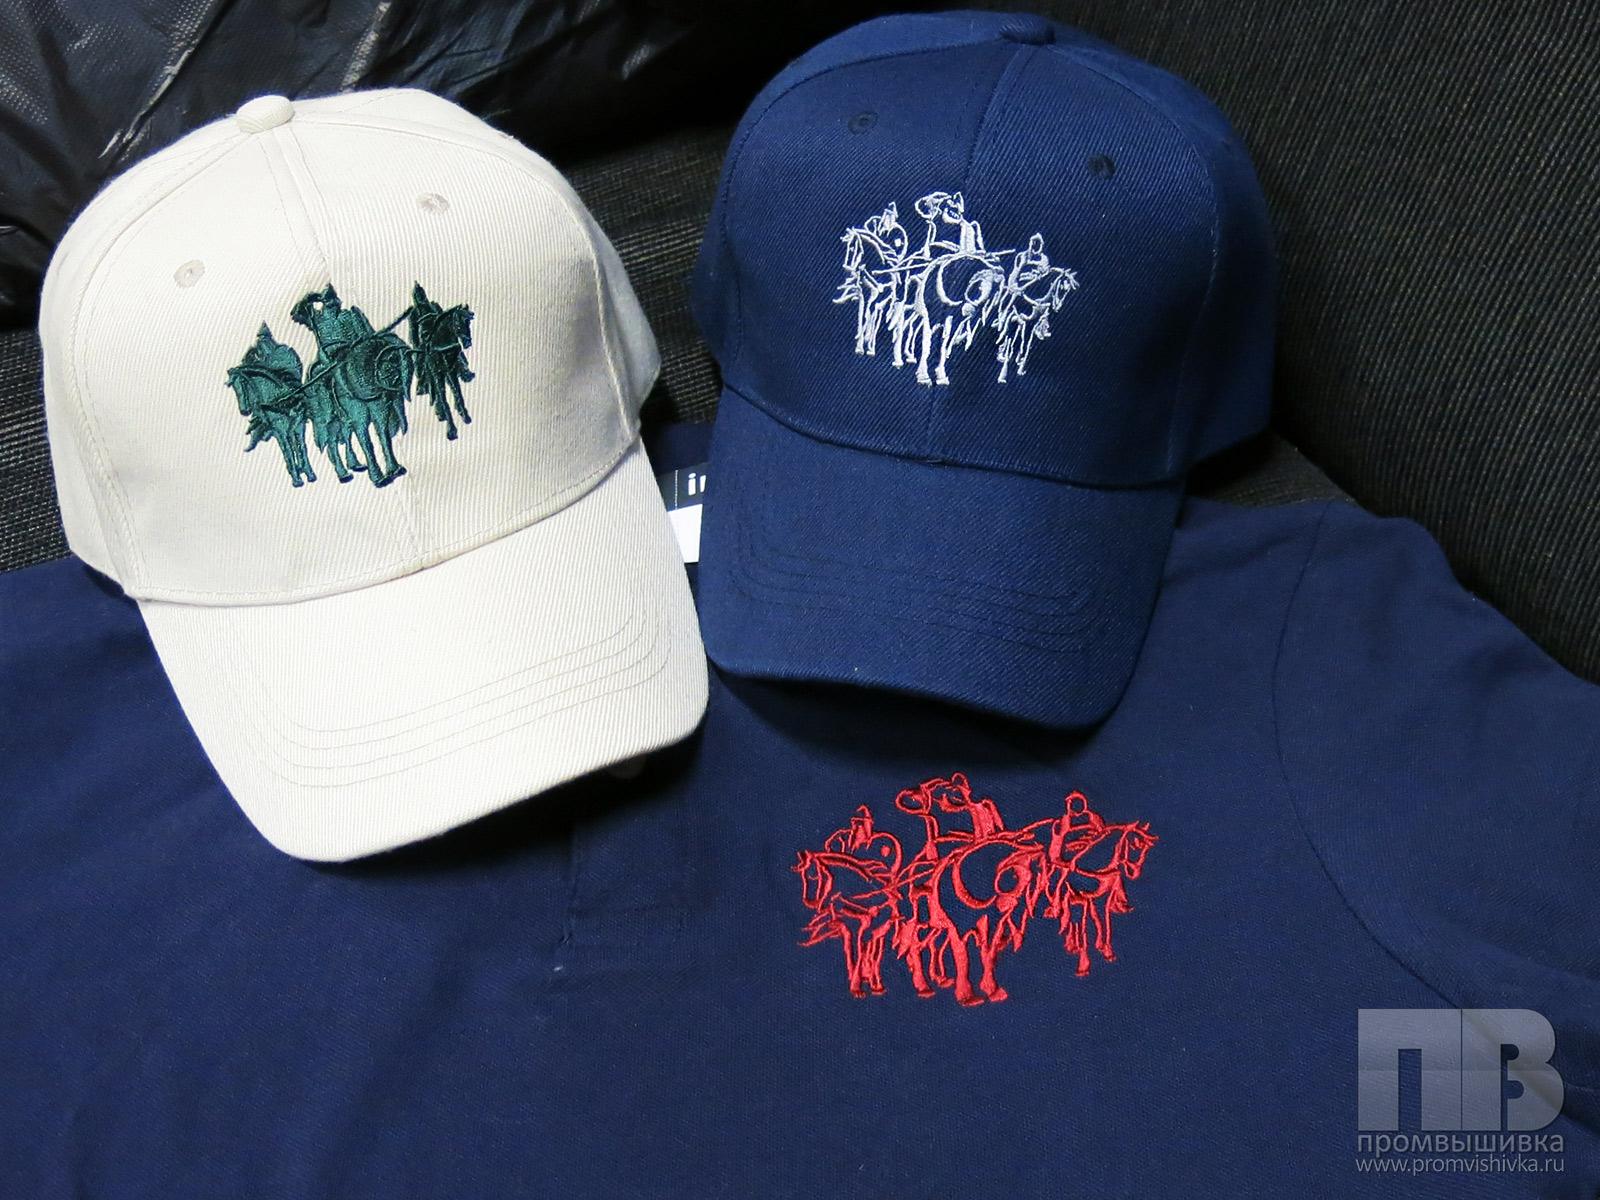 Вышивка на кепках 12